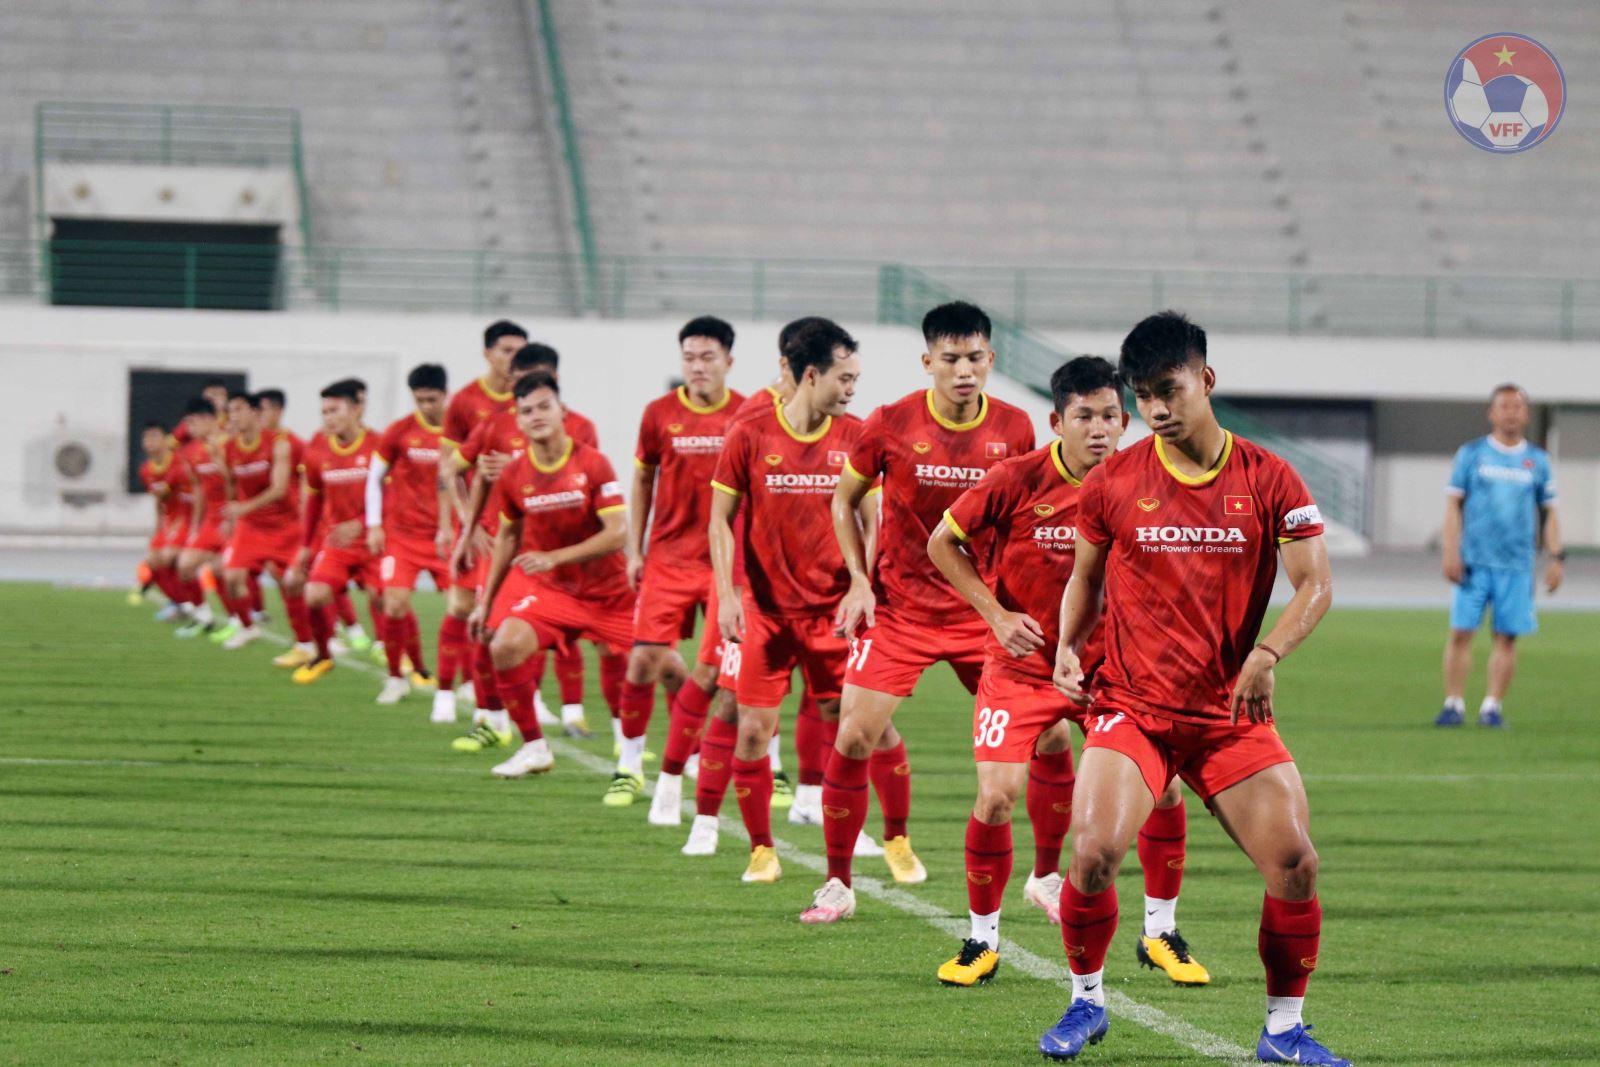 Đội tuyển Việt Nam cần tự tin với lợi thế sân nhà khi tiếp Australia lúc 19h00 tối 7-9 ở Mỹ Đình. Ảnh: VFF